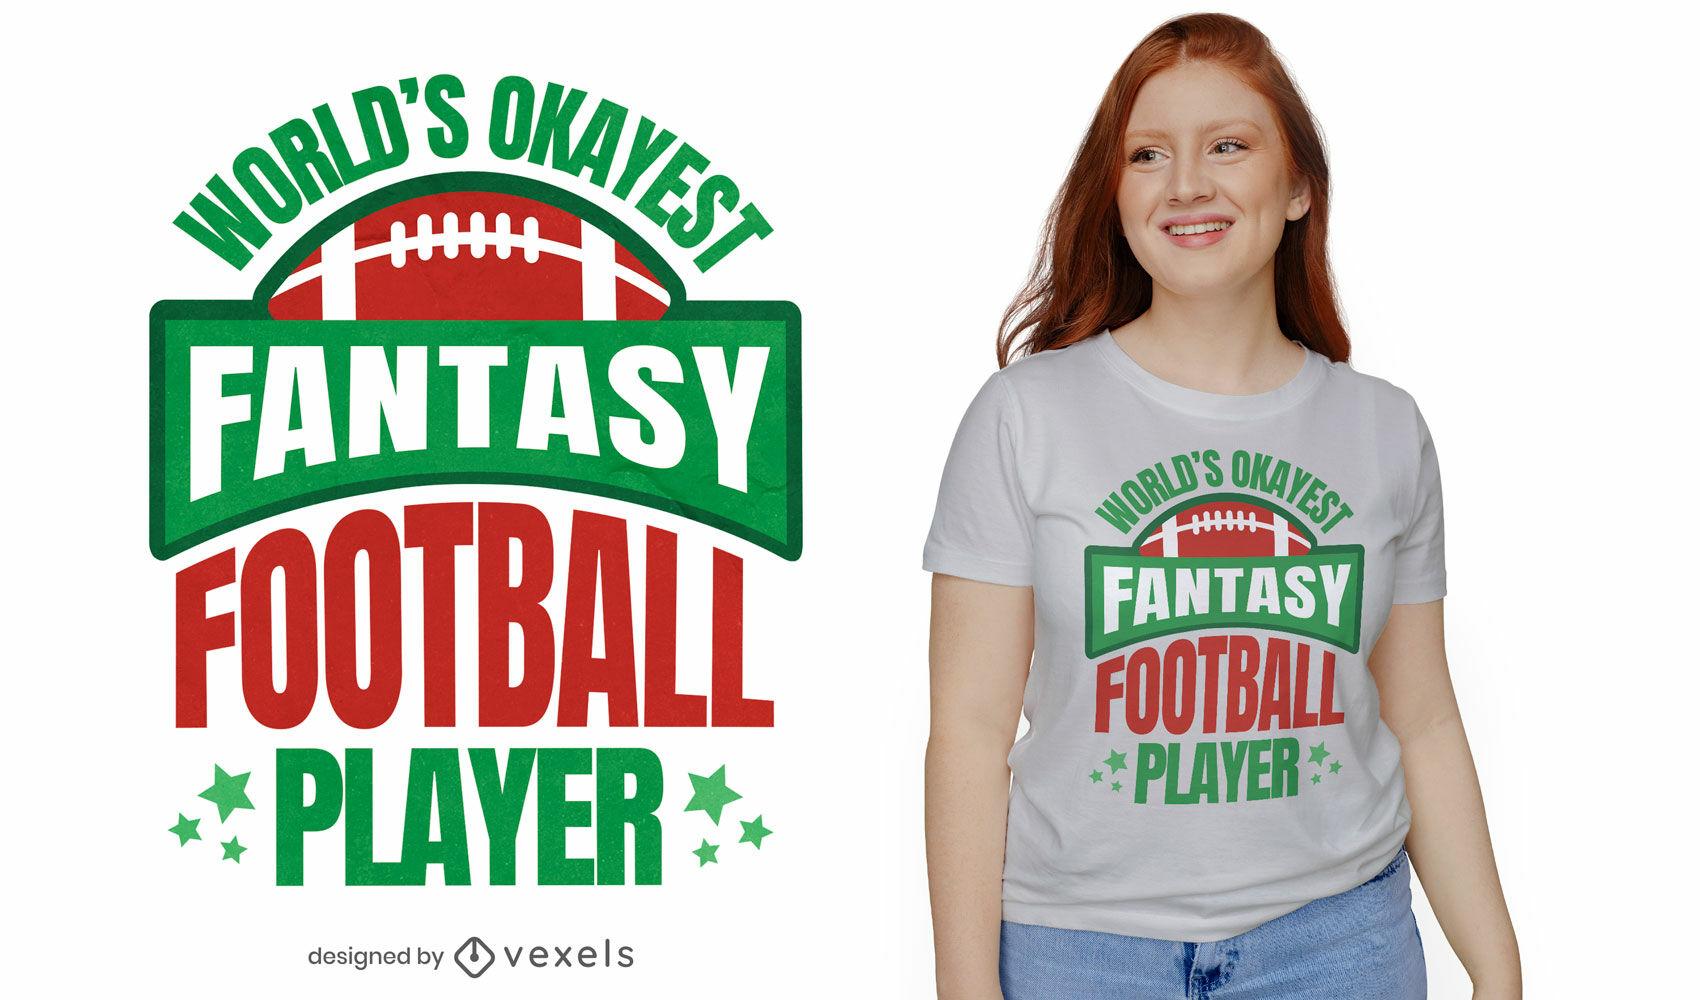 Diseño de camiseta de jugador de fútbol de fantasía de okayes del mundo.